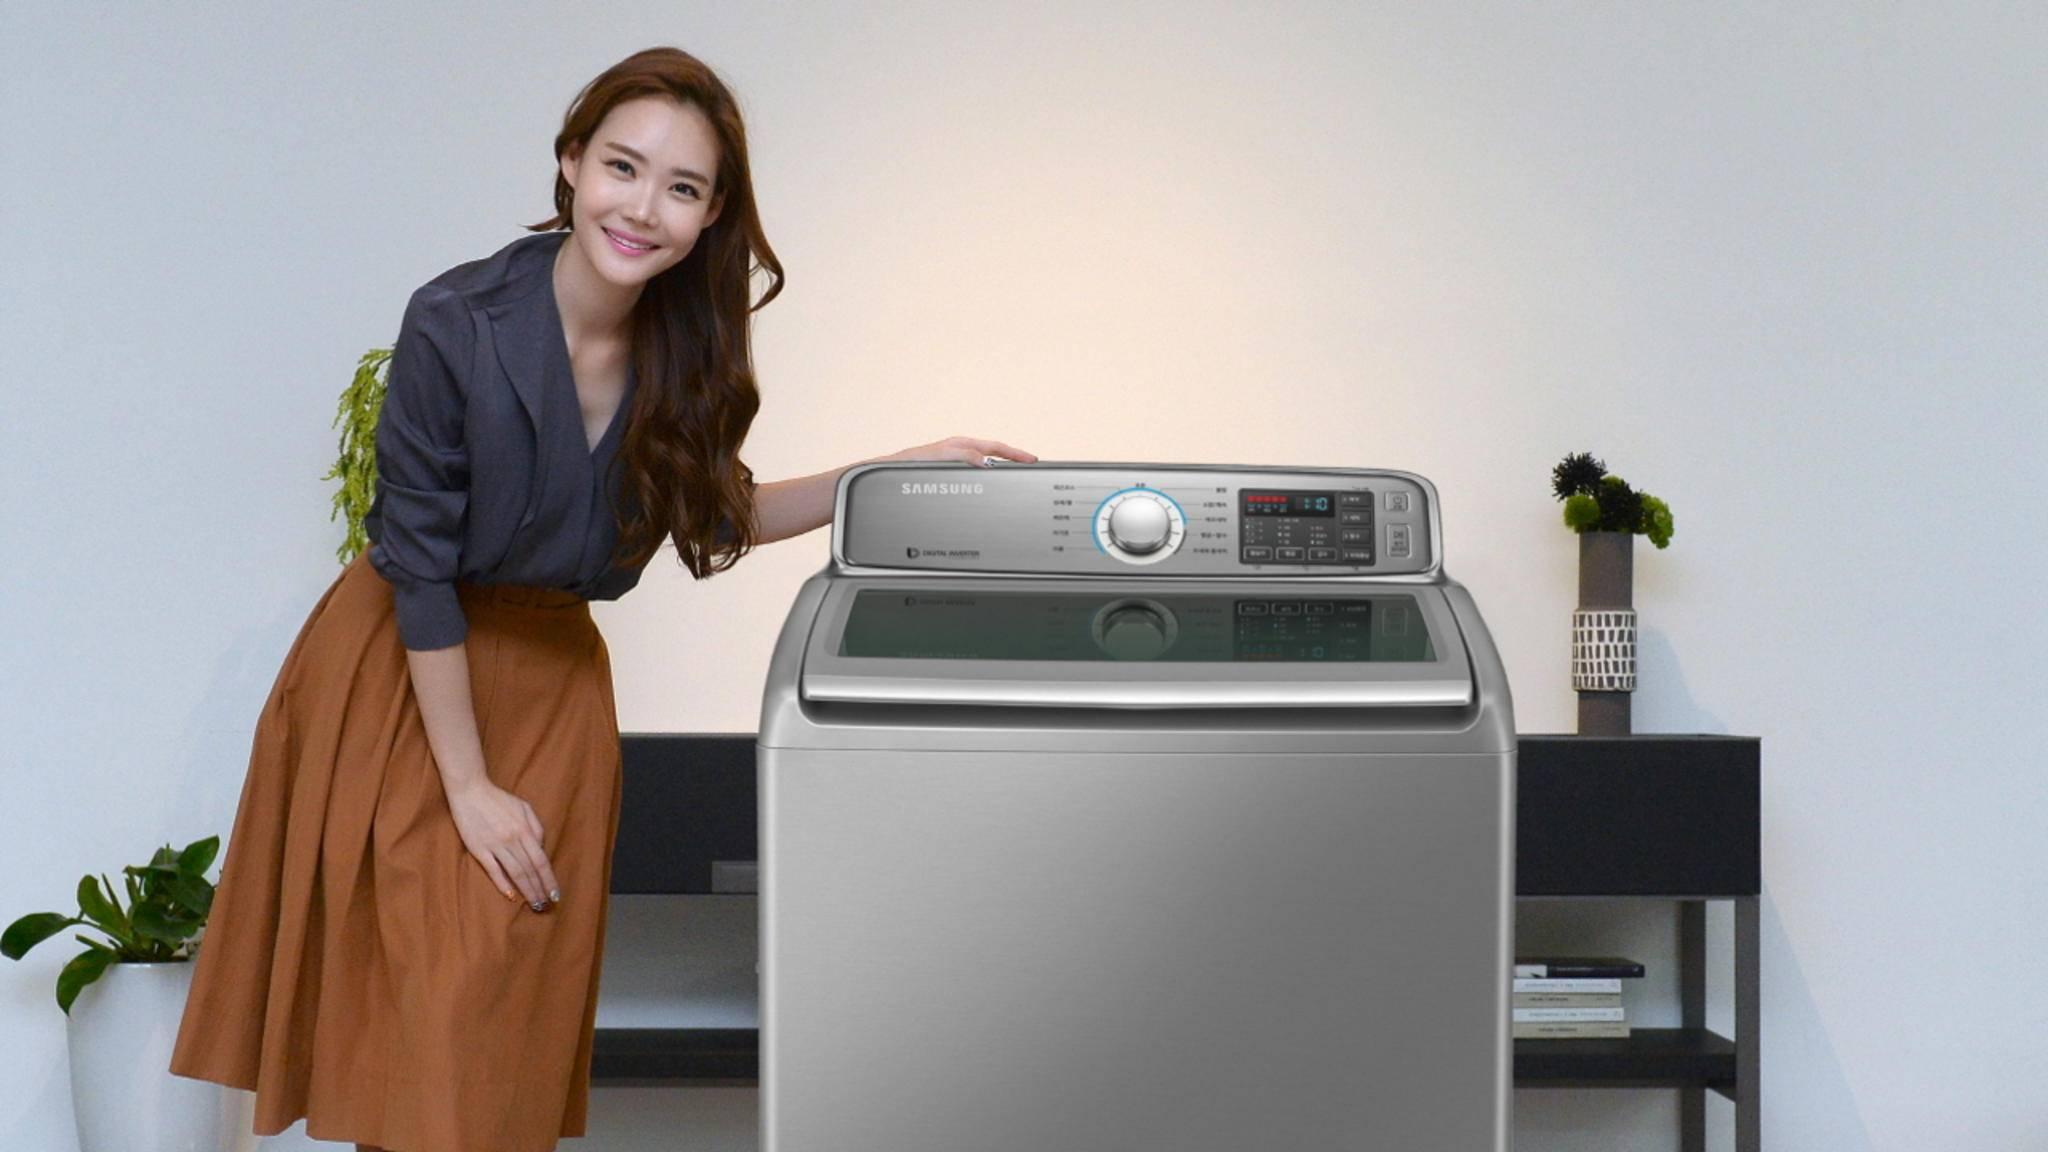 Vom Rückruf betroffen sind nur Samsung-Toploader-Waschmaschinen.